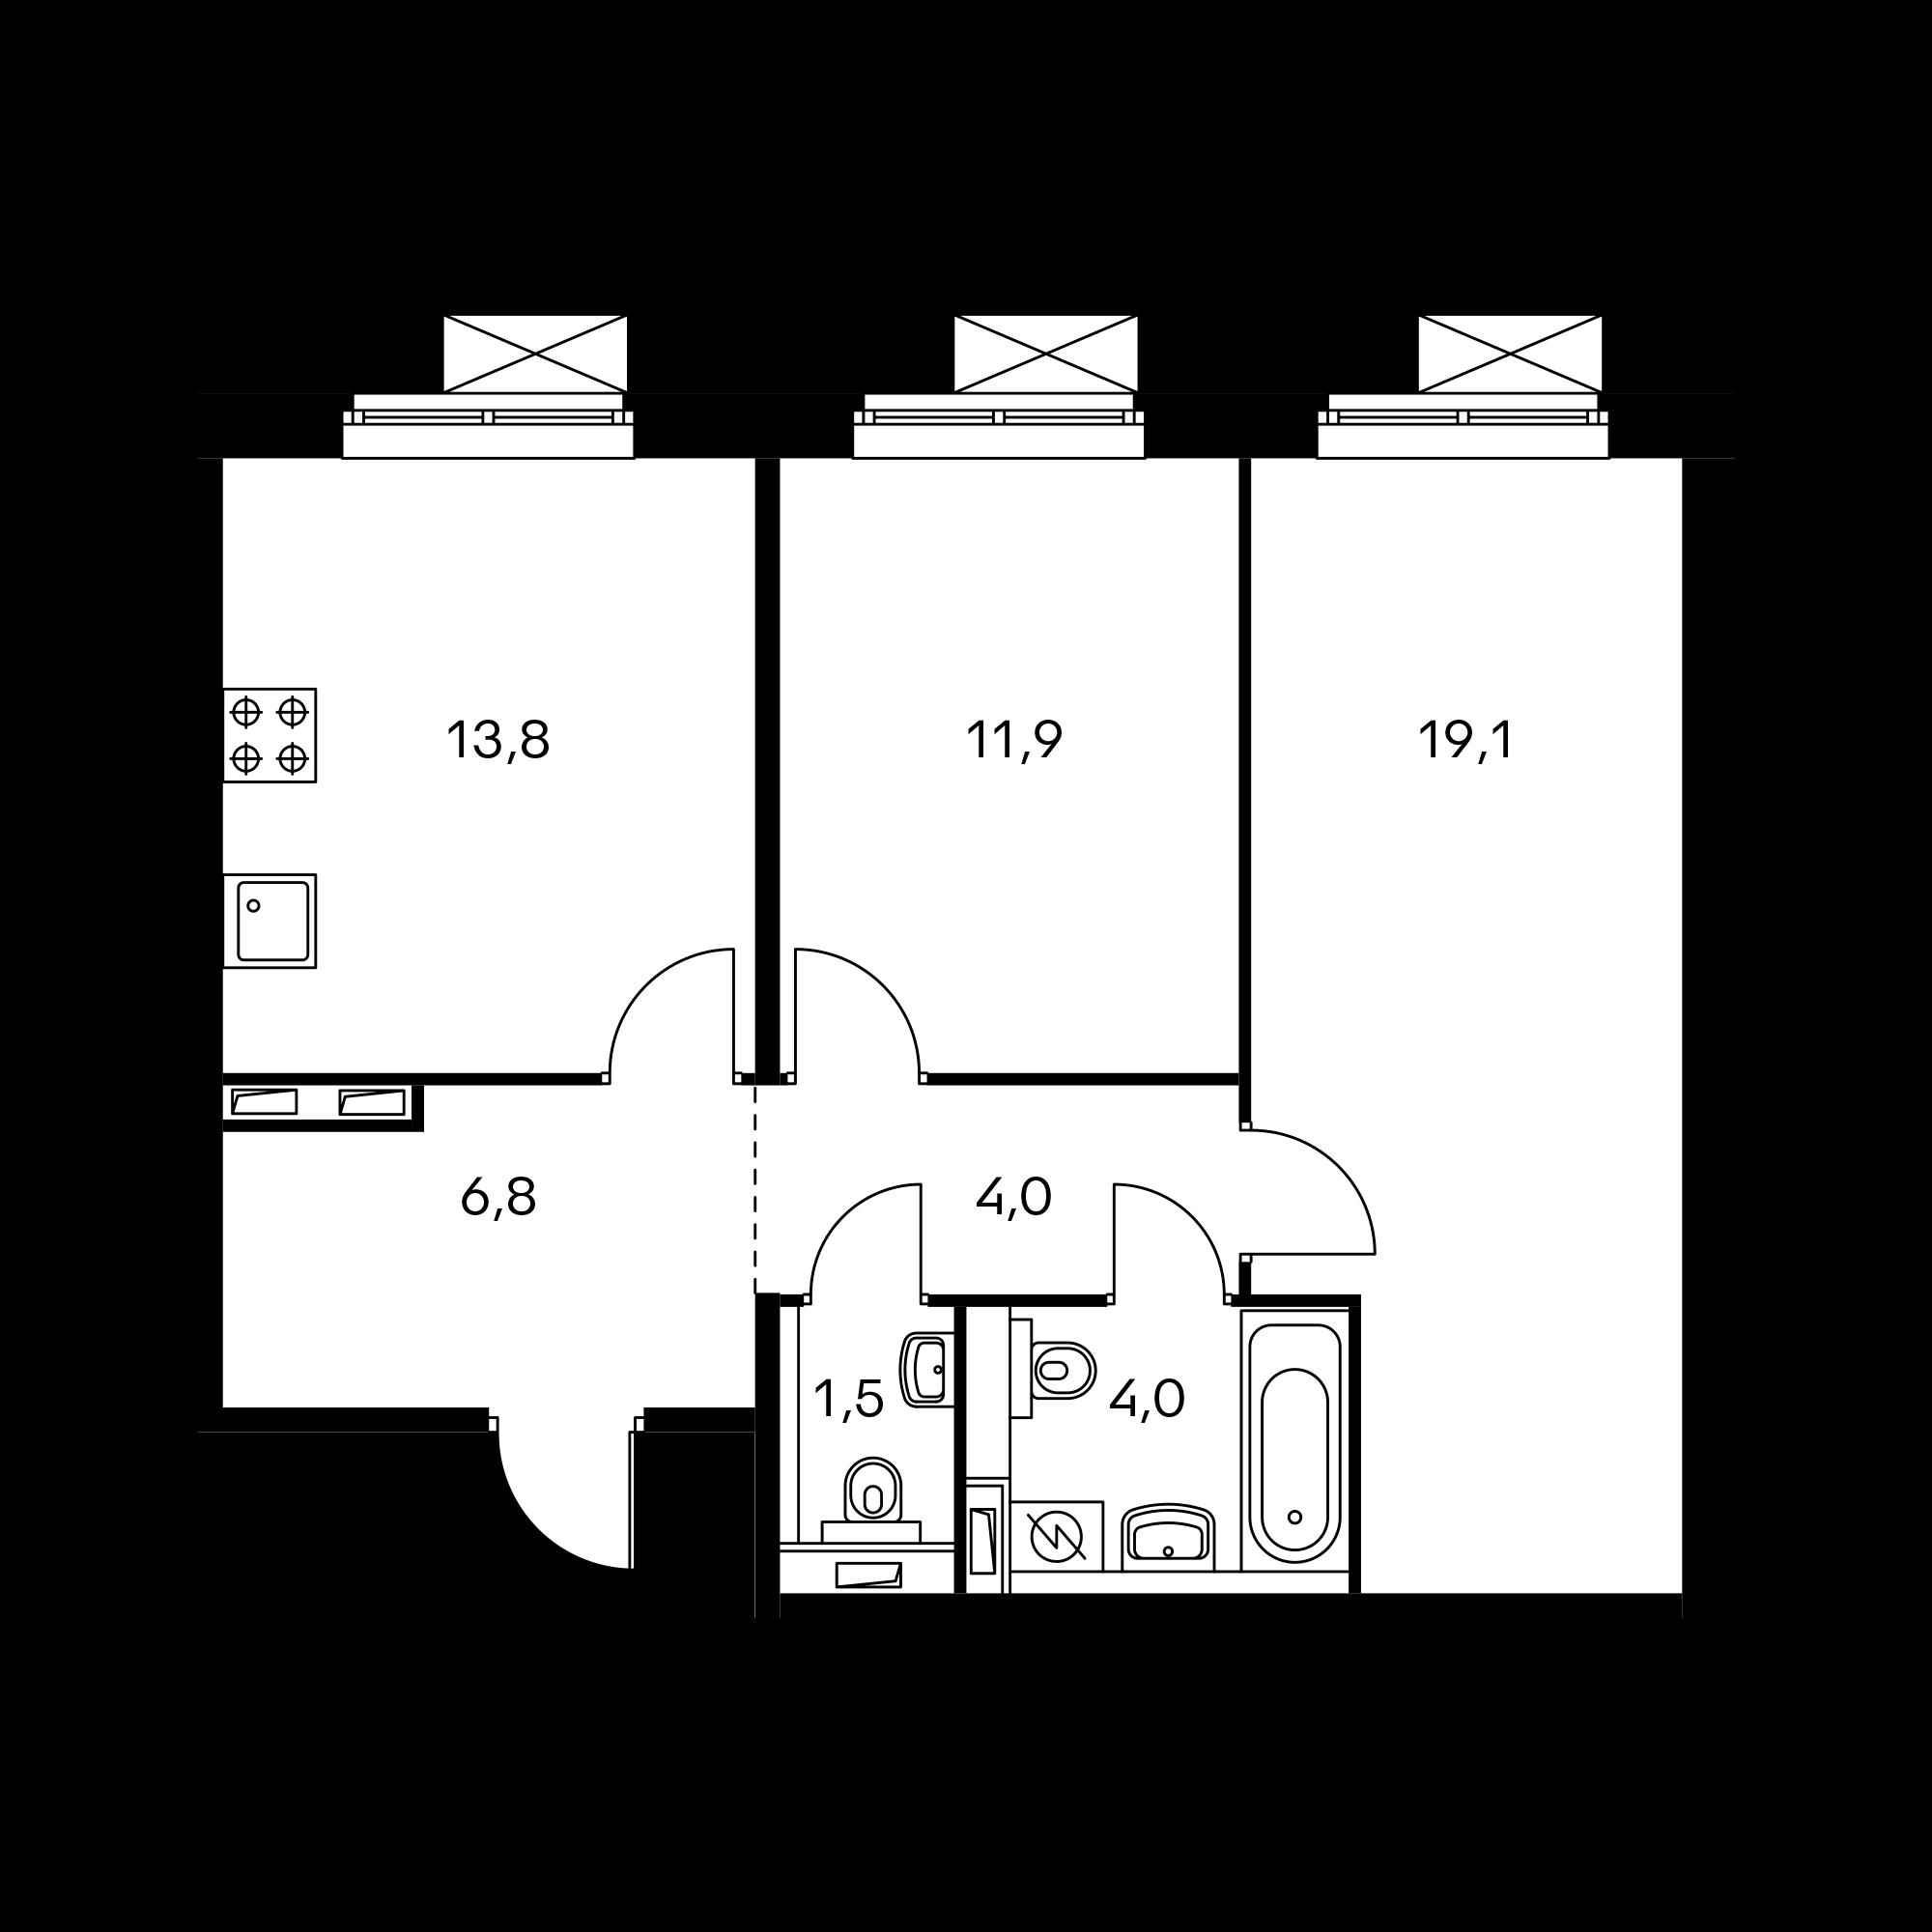 2KM4_9.6-2_S_A